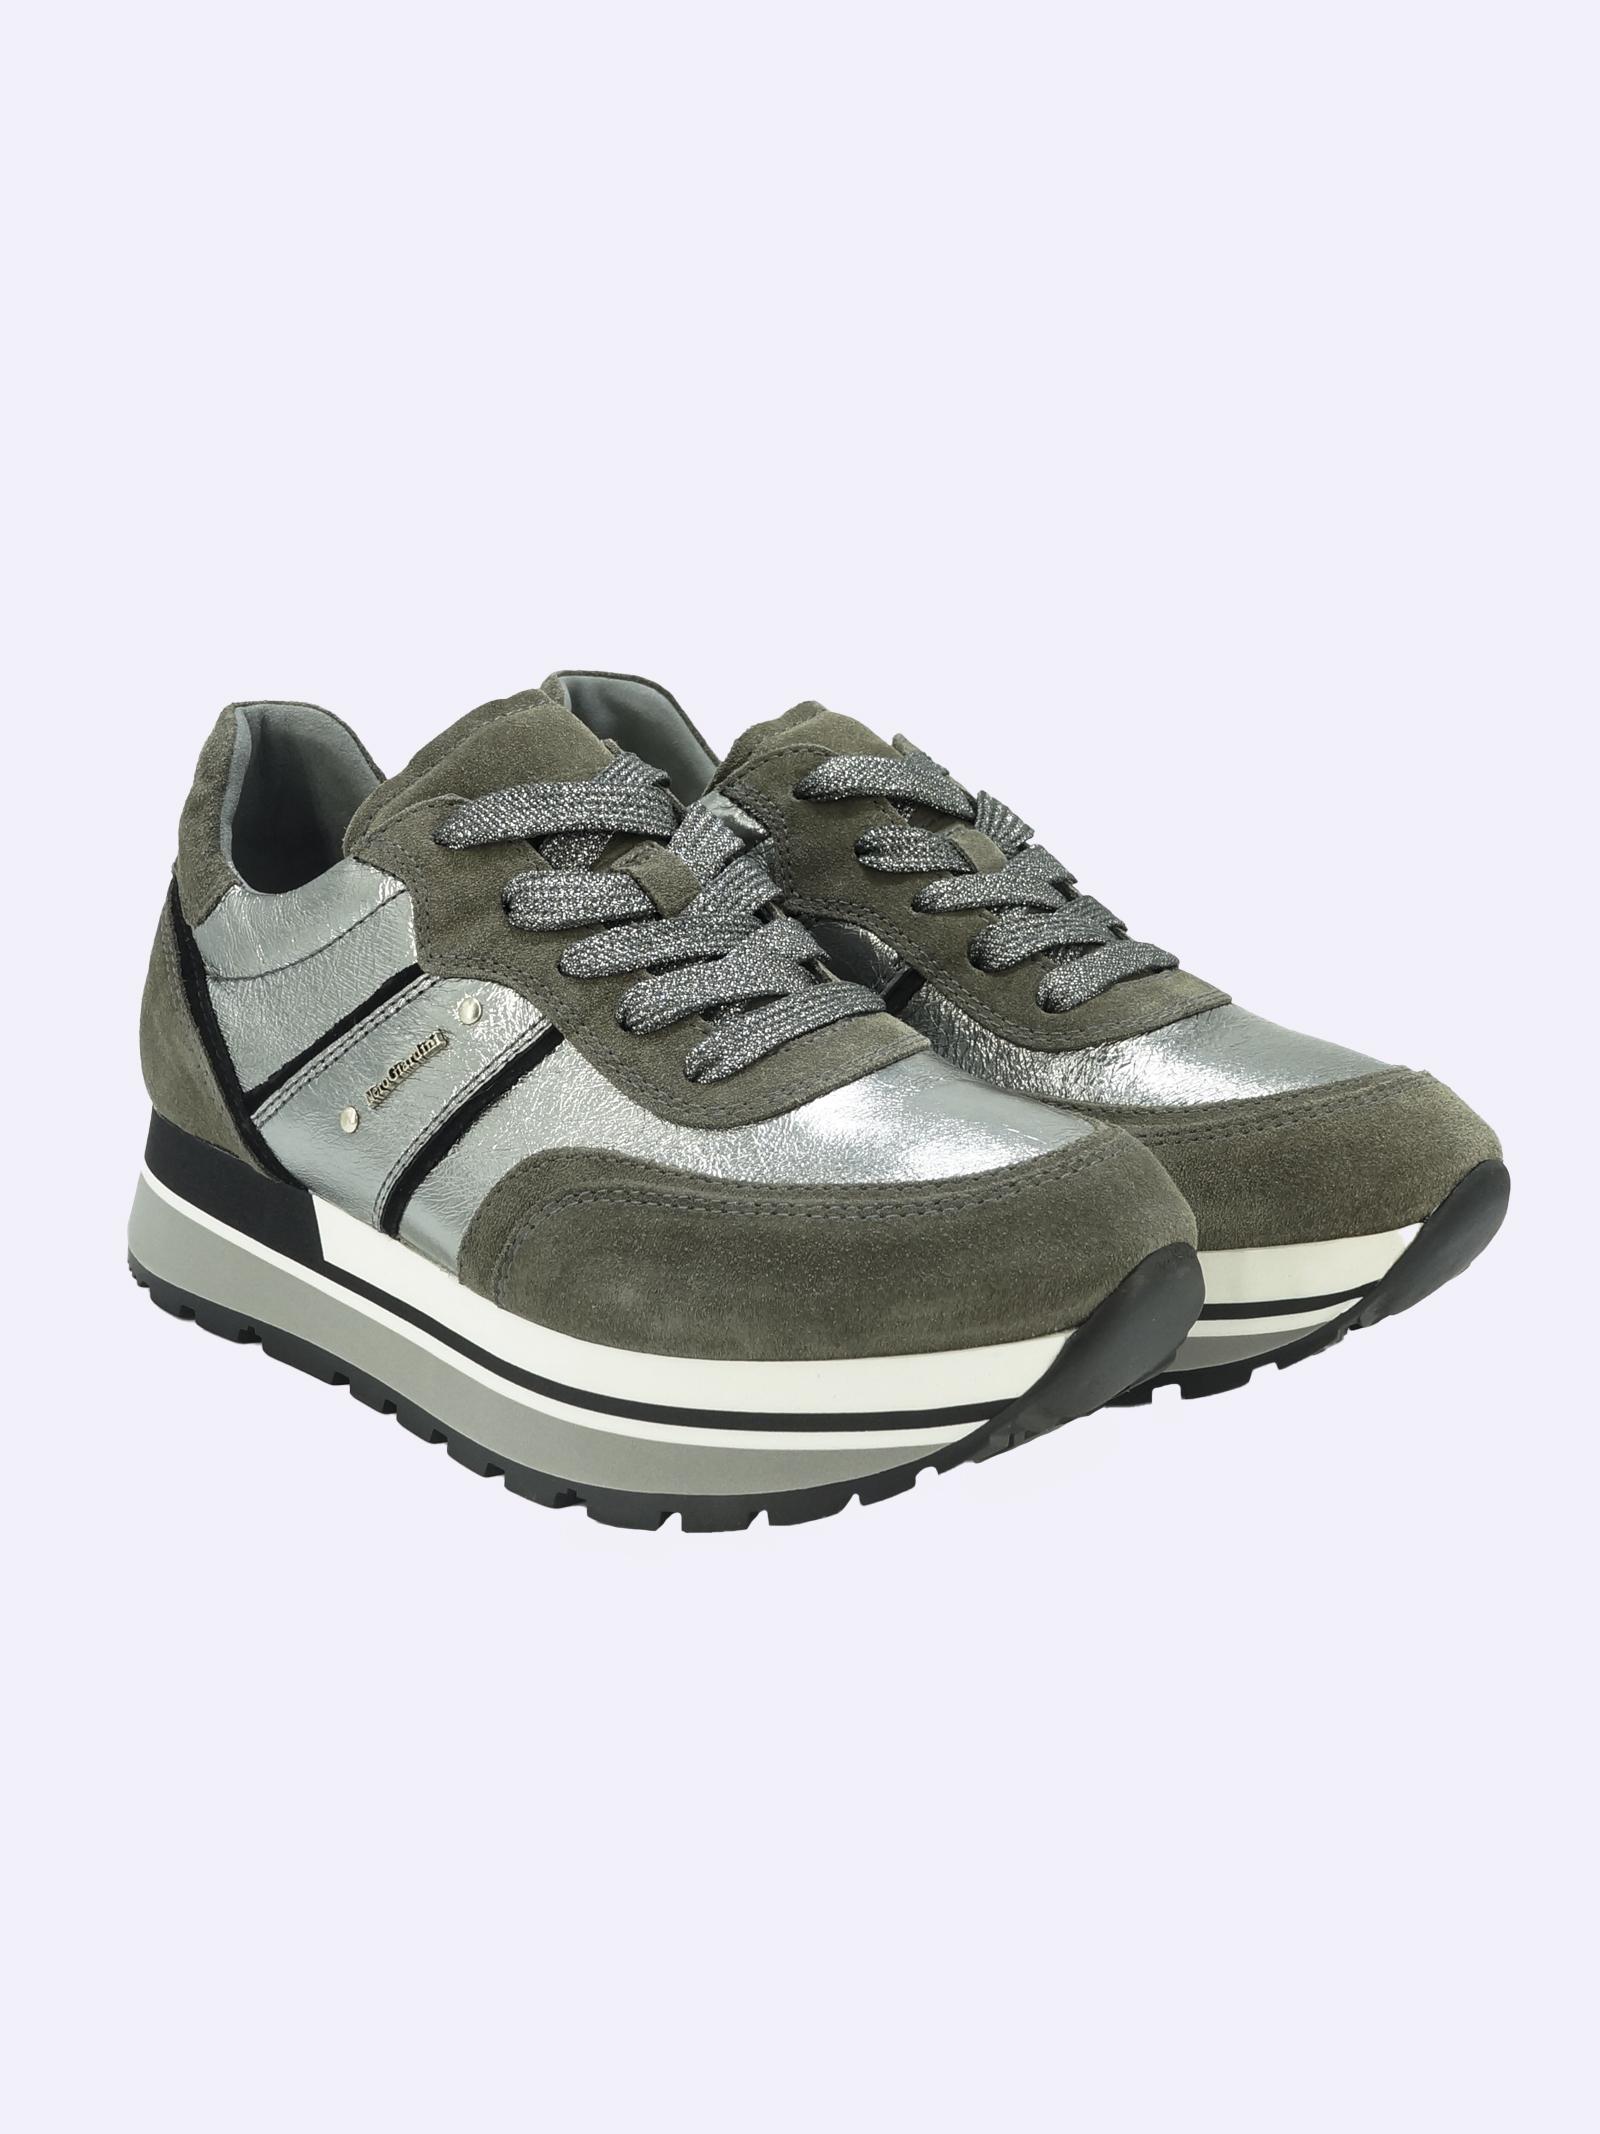 Sneakers Donna in Pelle Laminata e Camoscio Nero Giardini   Sneakers   I116945DCEMENTO120